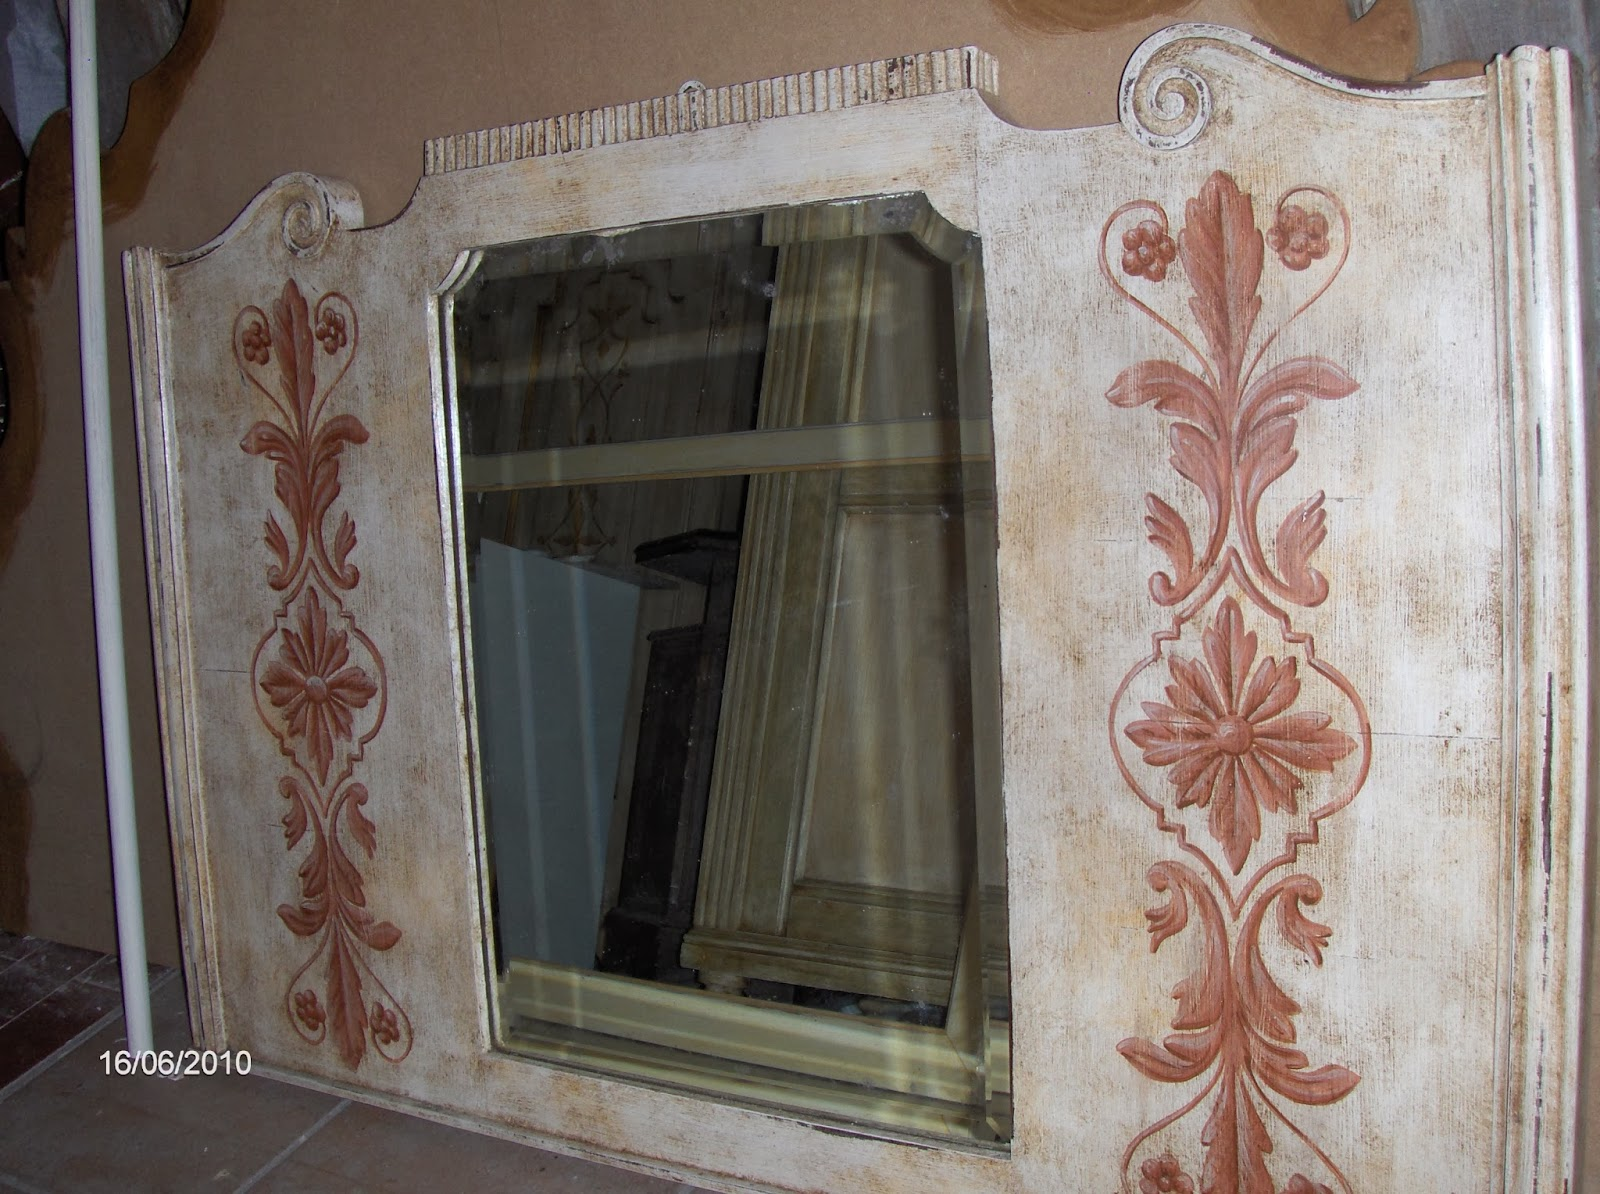 Decora interni restyling con decorazione sui mobili - Blog decorazione interni ...